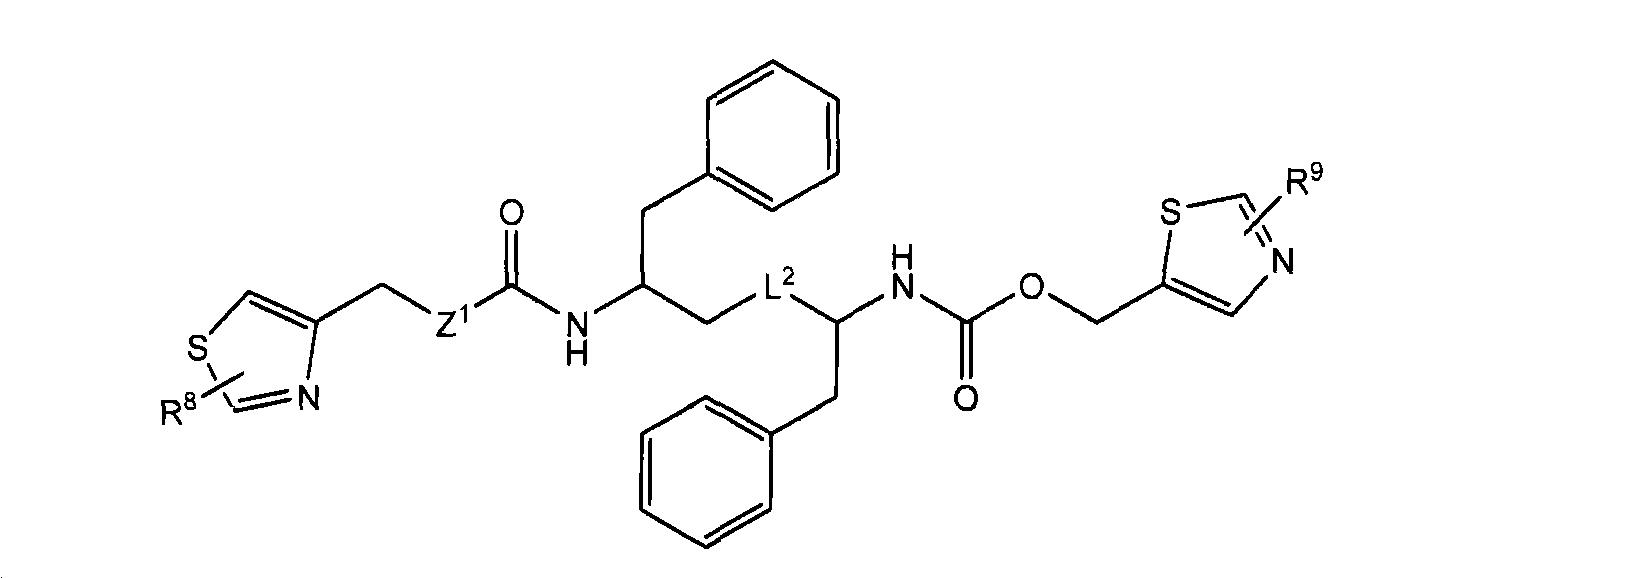 Figure CN101490023BD00281